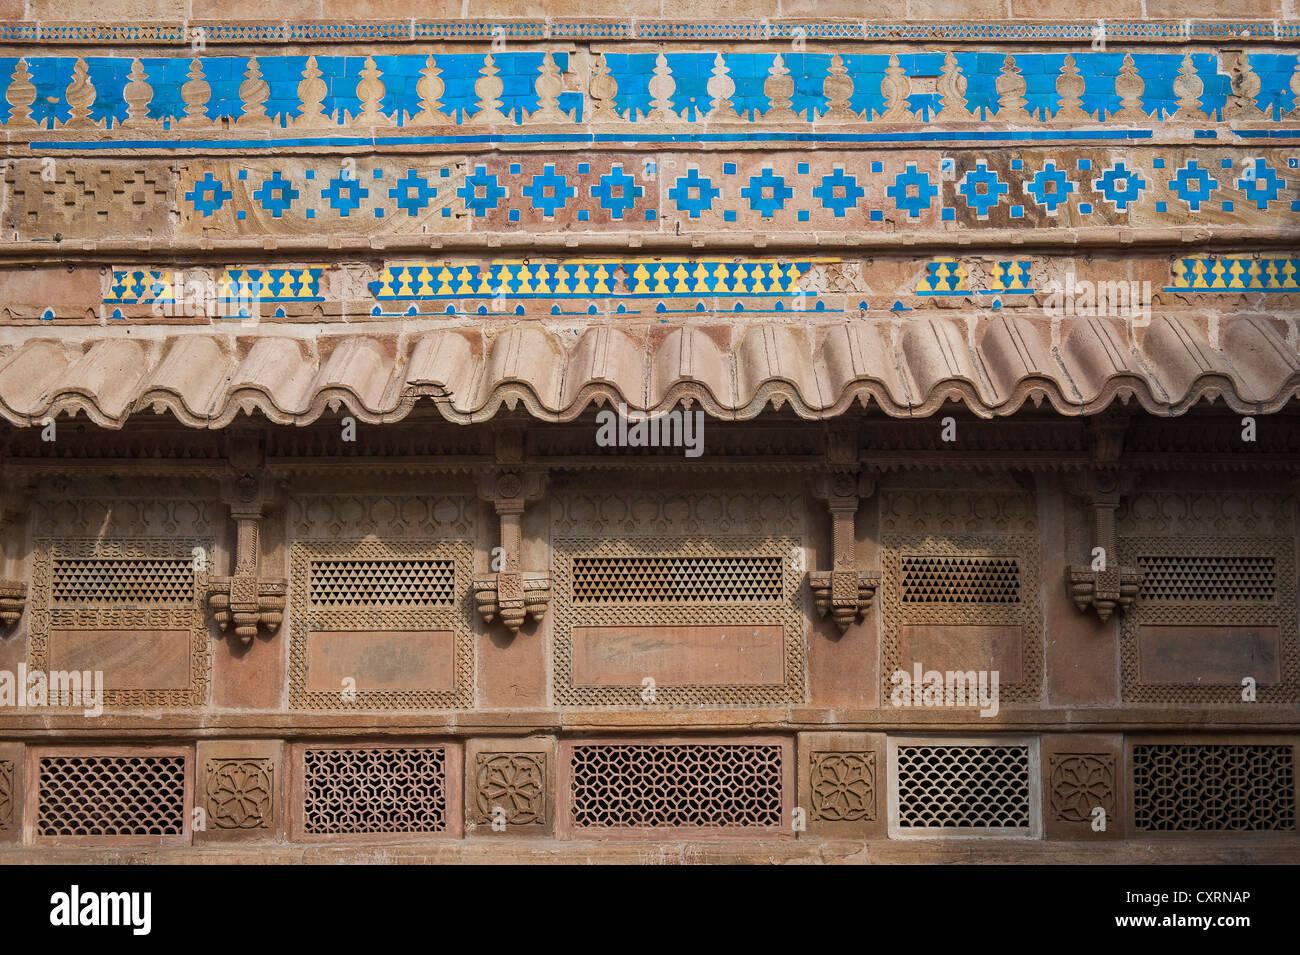 Colourful ceramic tiles adorning a wall man singh palace gwalior colourful ceramic tiles adorning a wall man singh palace gwalior fort or fortress gwalior madhya pradesh india asia dailygadgetfo Choice Image